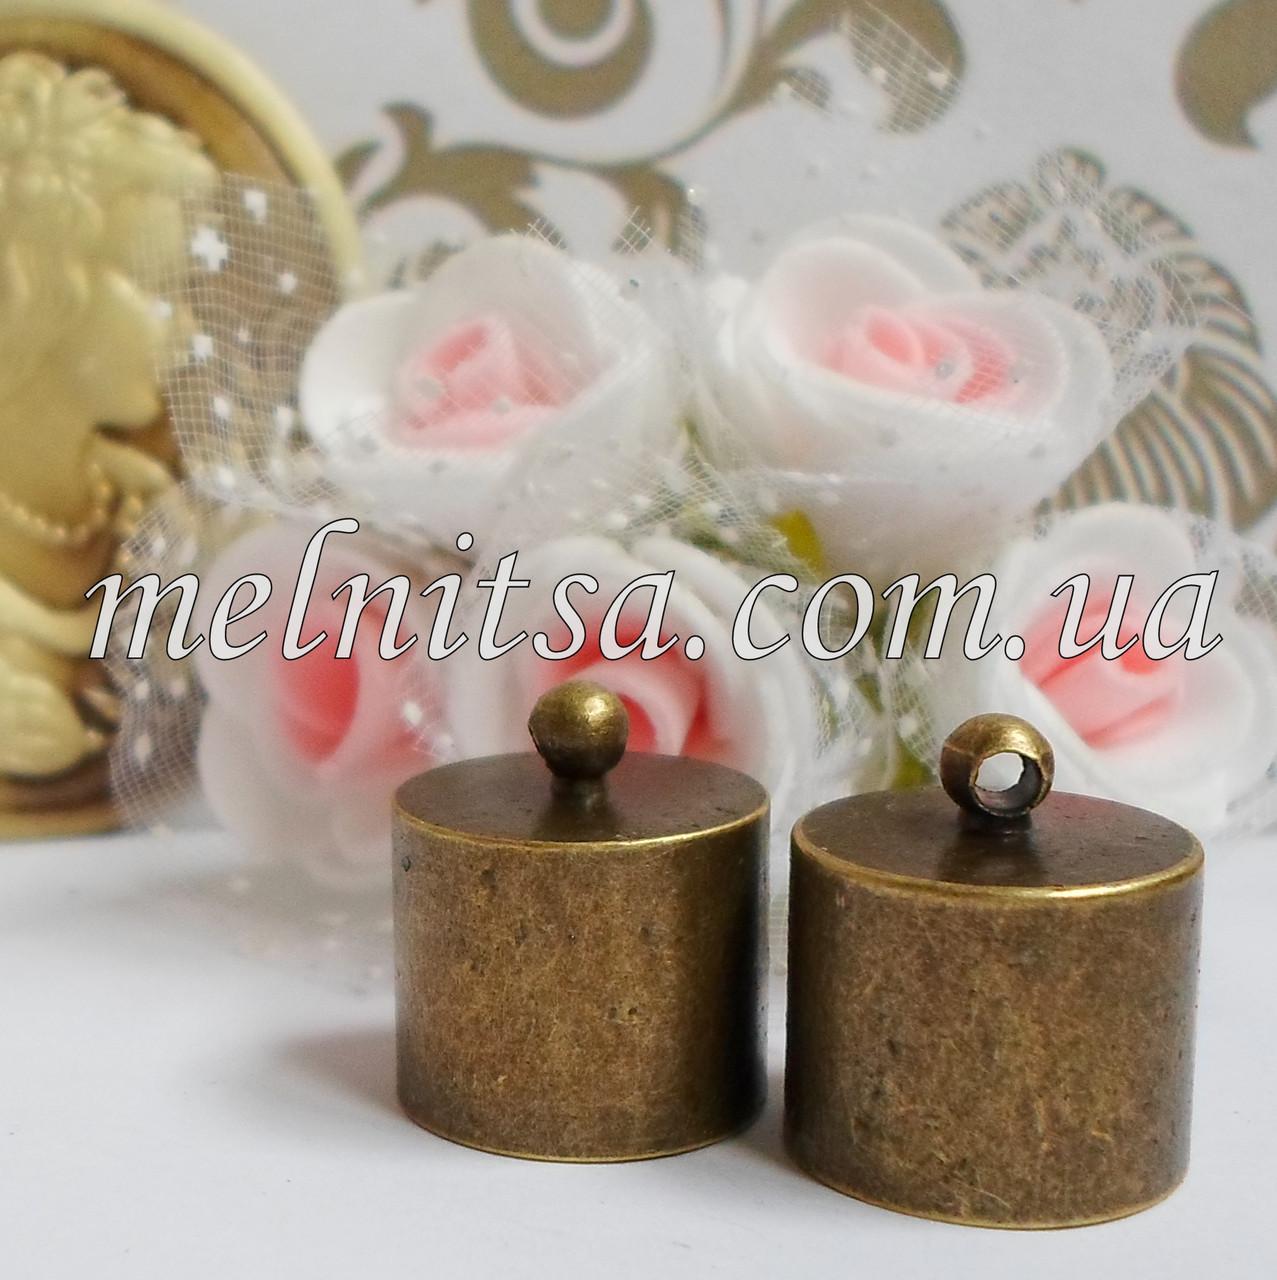 Концевик-колпачок  для шнуров и бисерных жгутов, 15 мм, цвет античная бронза, 1 пара